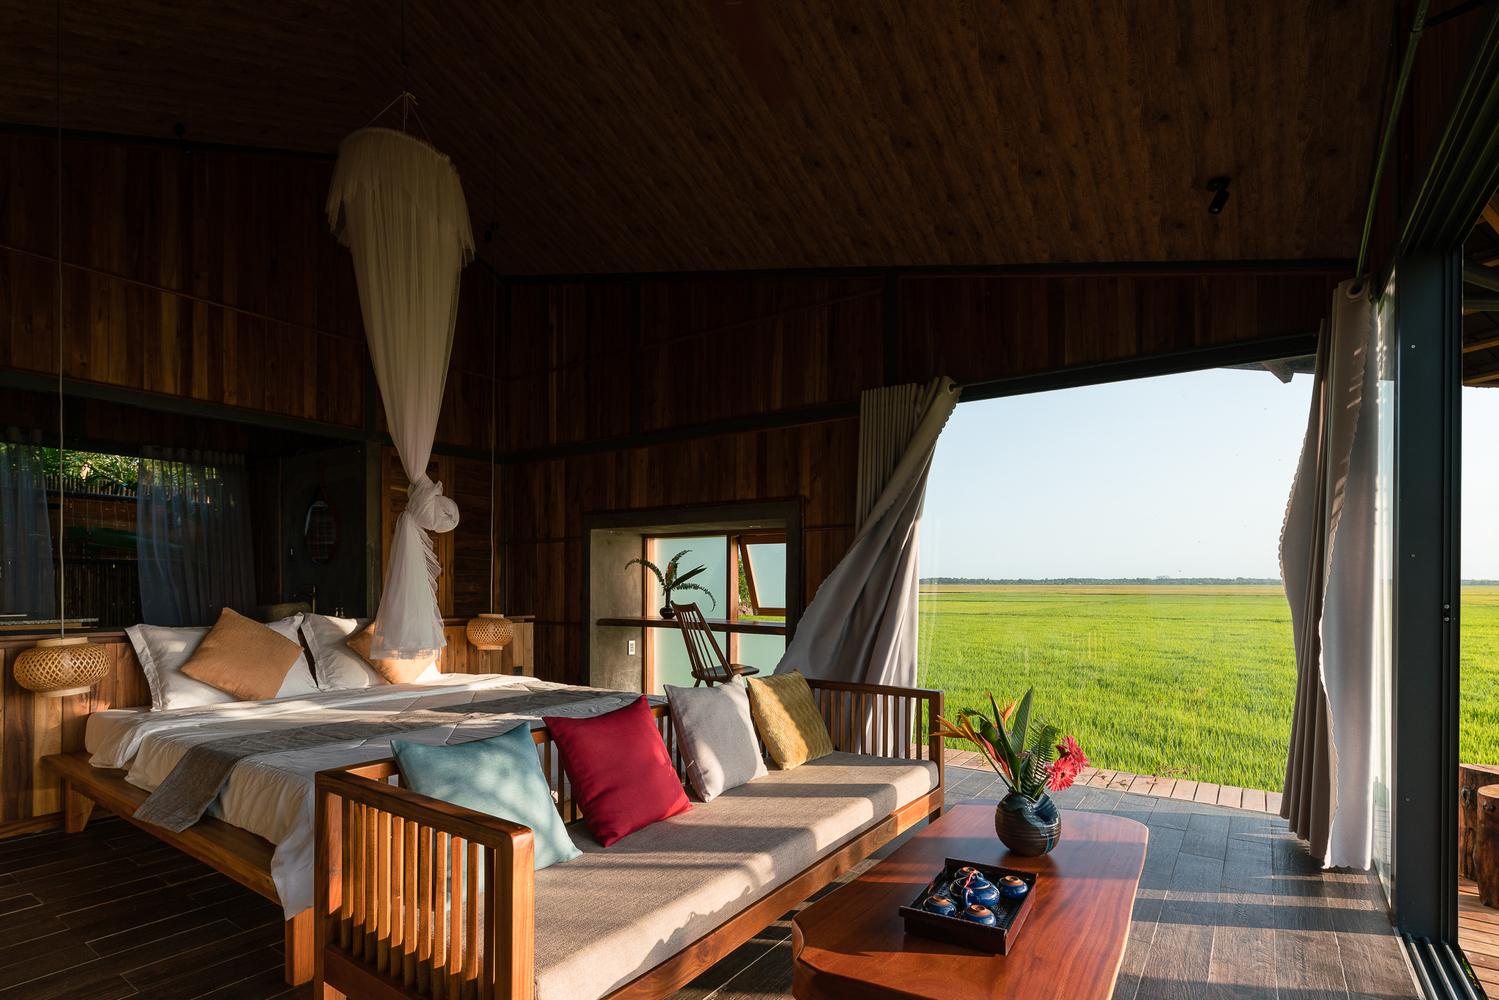 Hình ảnh bên trong nhà nghỉ dưỡng với phòng ngủ tối giản, thoáng sáng, view đồng lúa